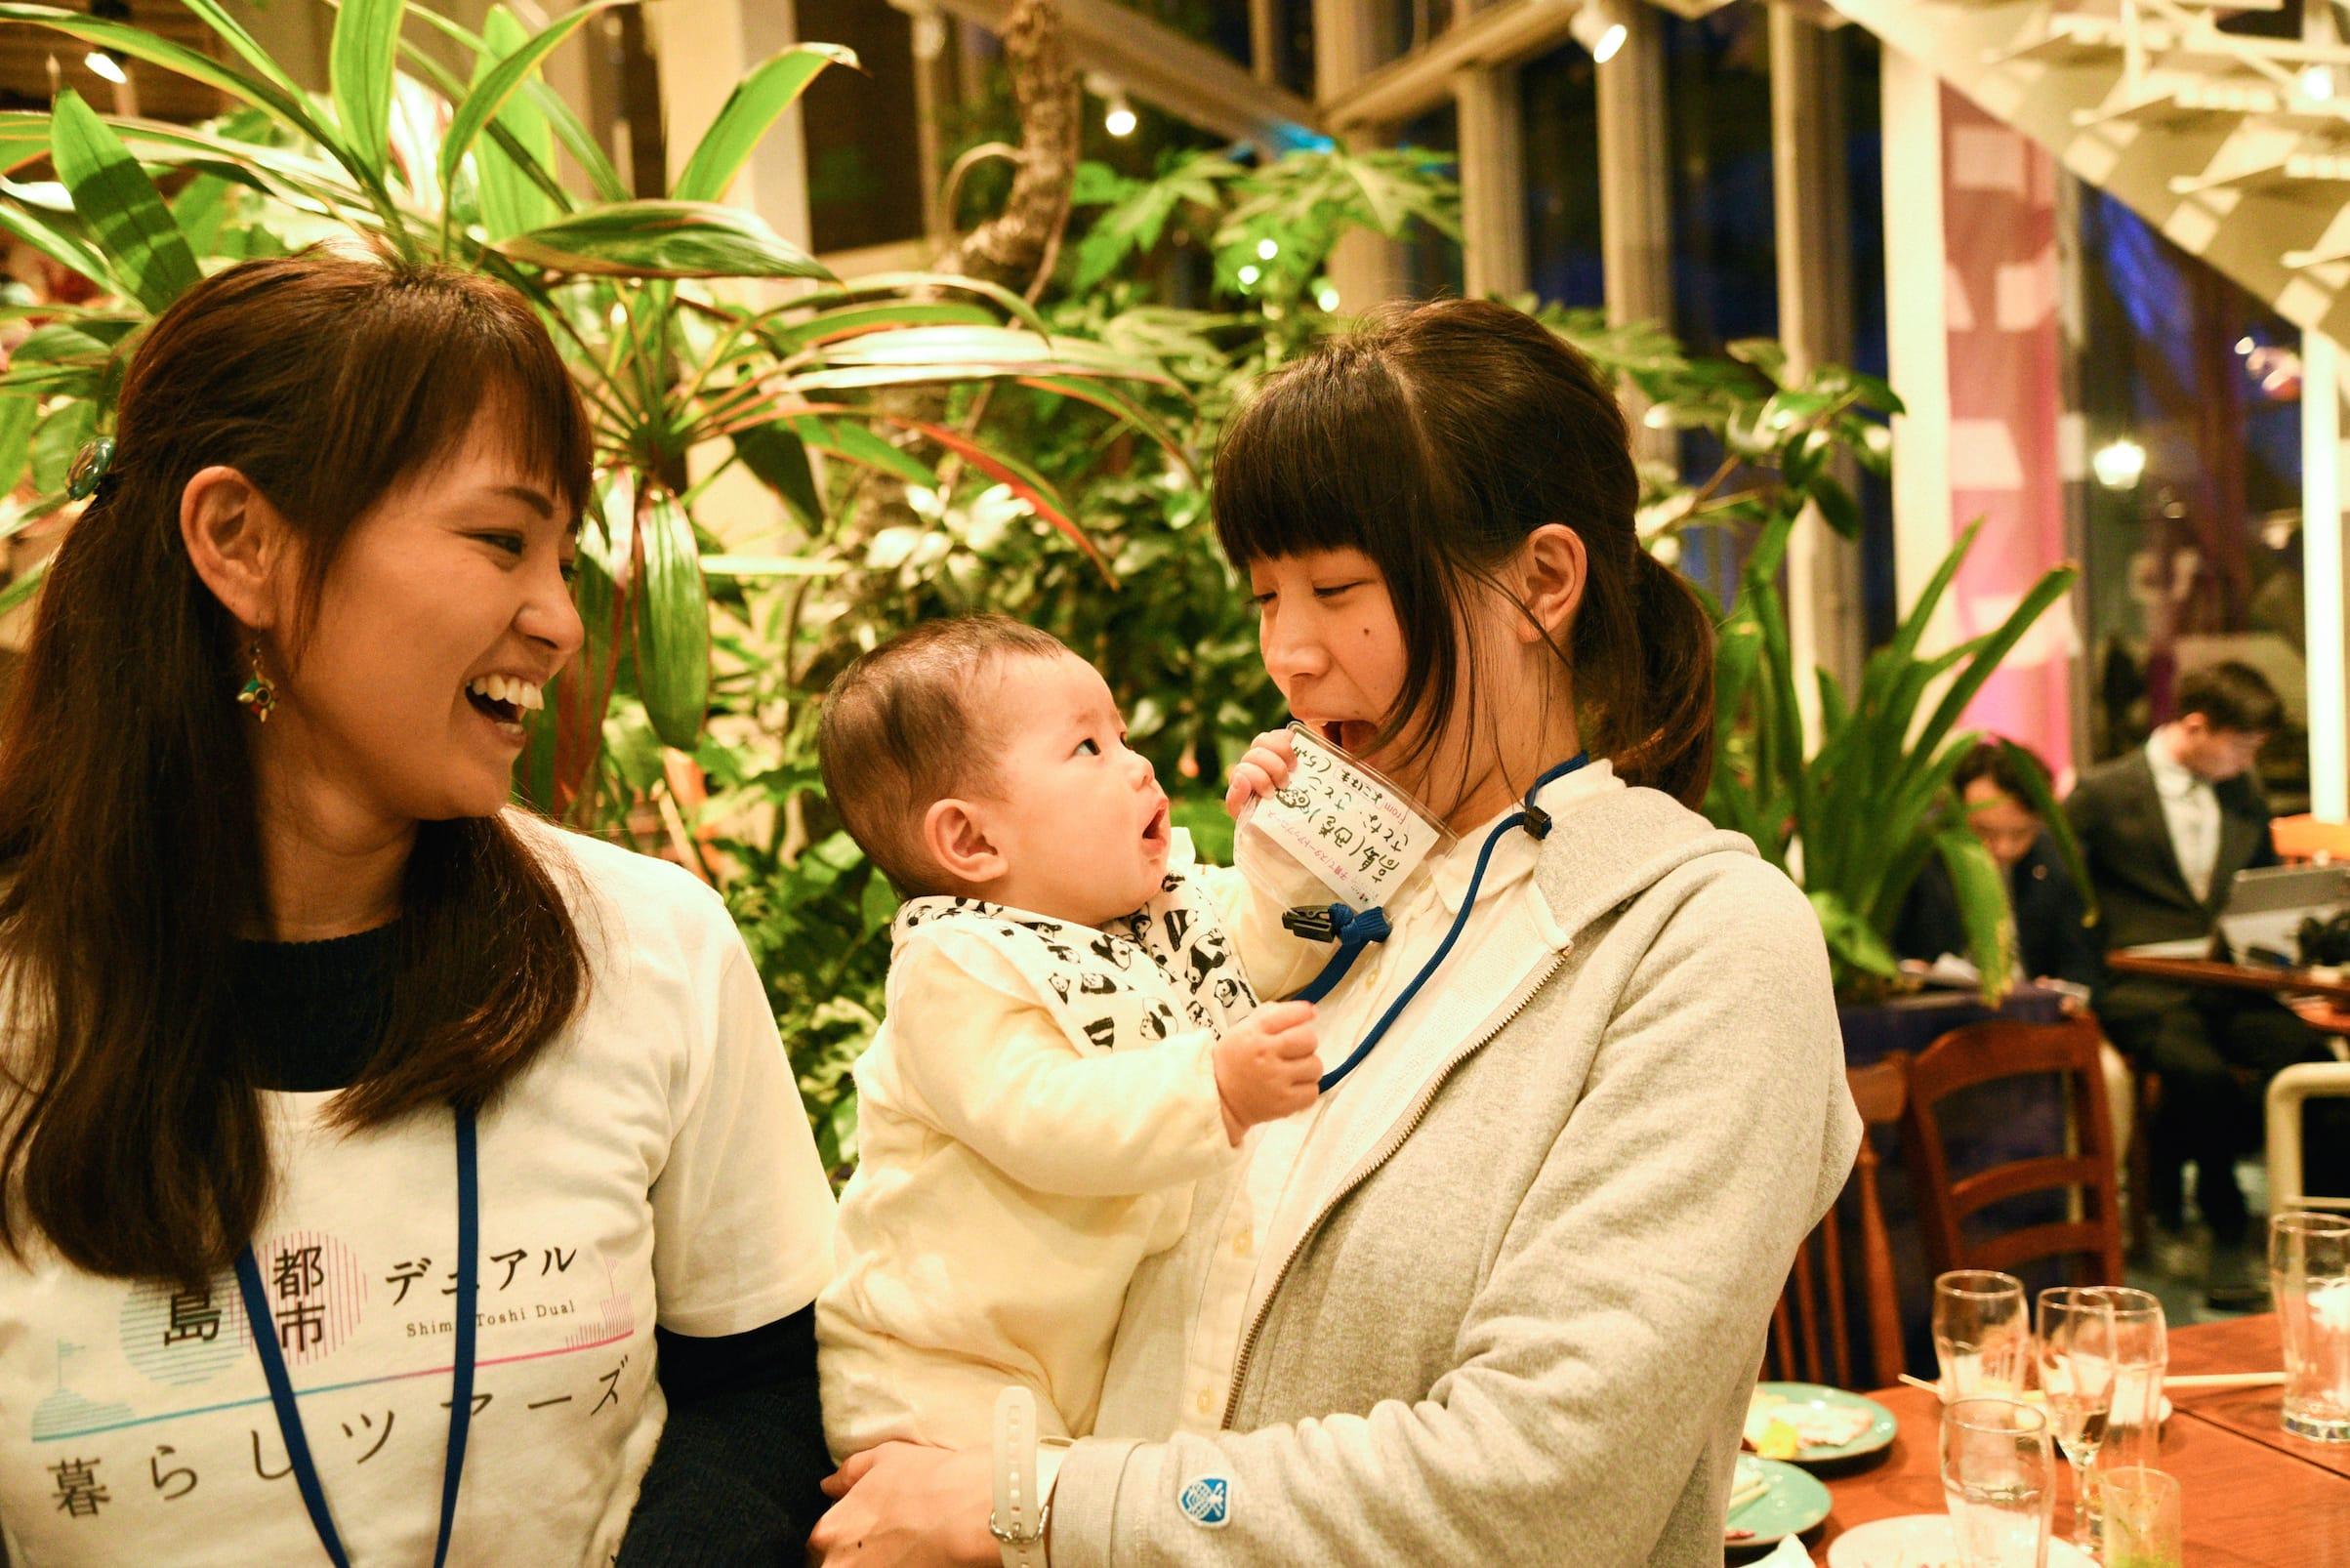 暮らしナビゲーターの小笠原舞さん(左)と、〈子育て・スタートアップコース〉に参加した高島さとなさんと、5ヶ月になる娘のさとこちゃん。高島さんは小笠原さんが東京にいた頃からの友人。小笠原さんから神戸の住みやすさの話を聞き、ツアーに参加したそう。